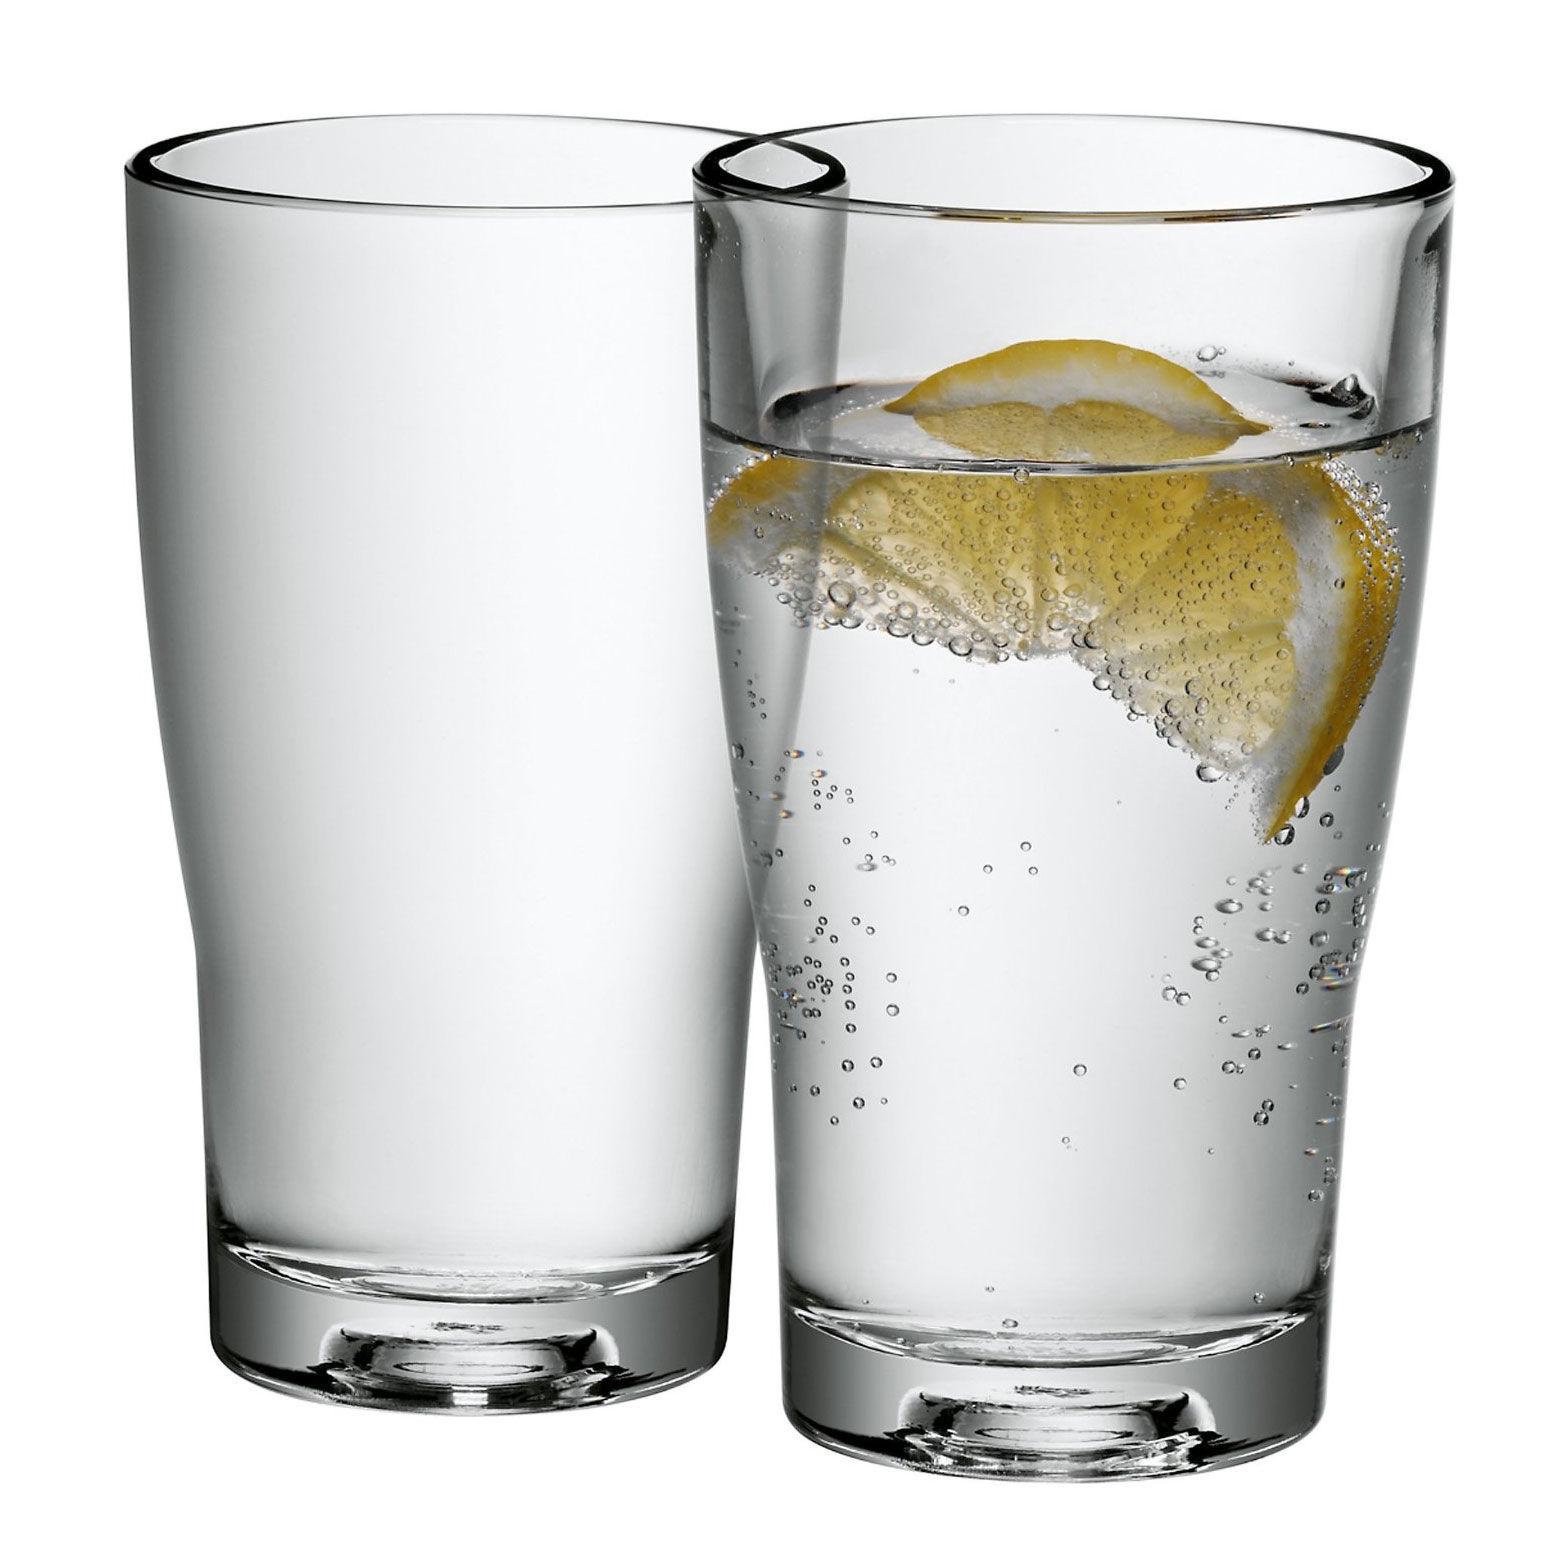 Hervorragend Cocktail-Gläser Jetzt das richtige Cocktailglas online finden YG79